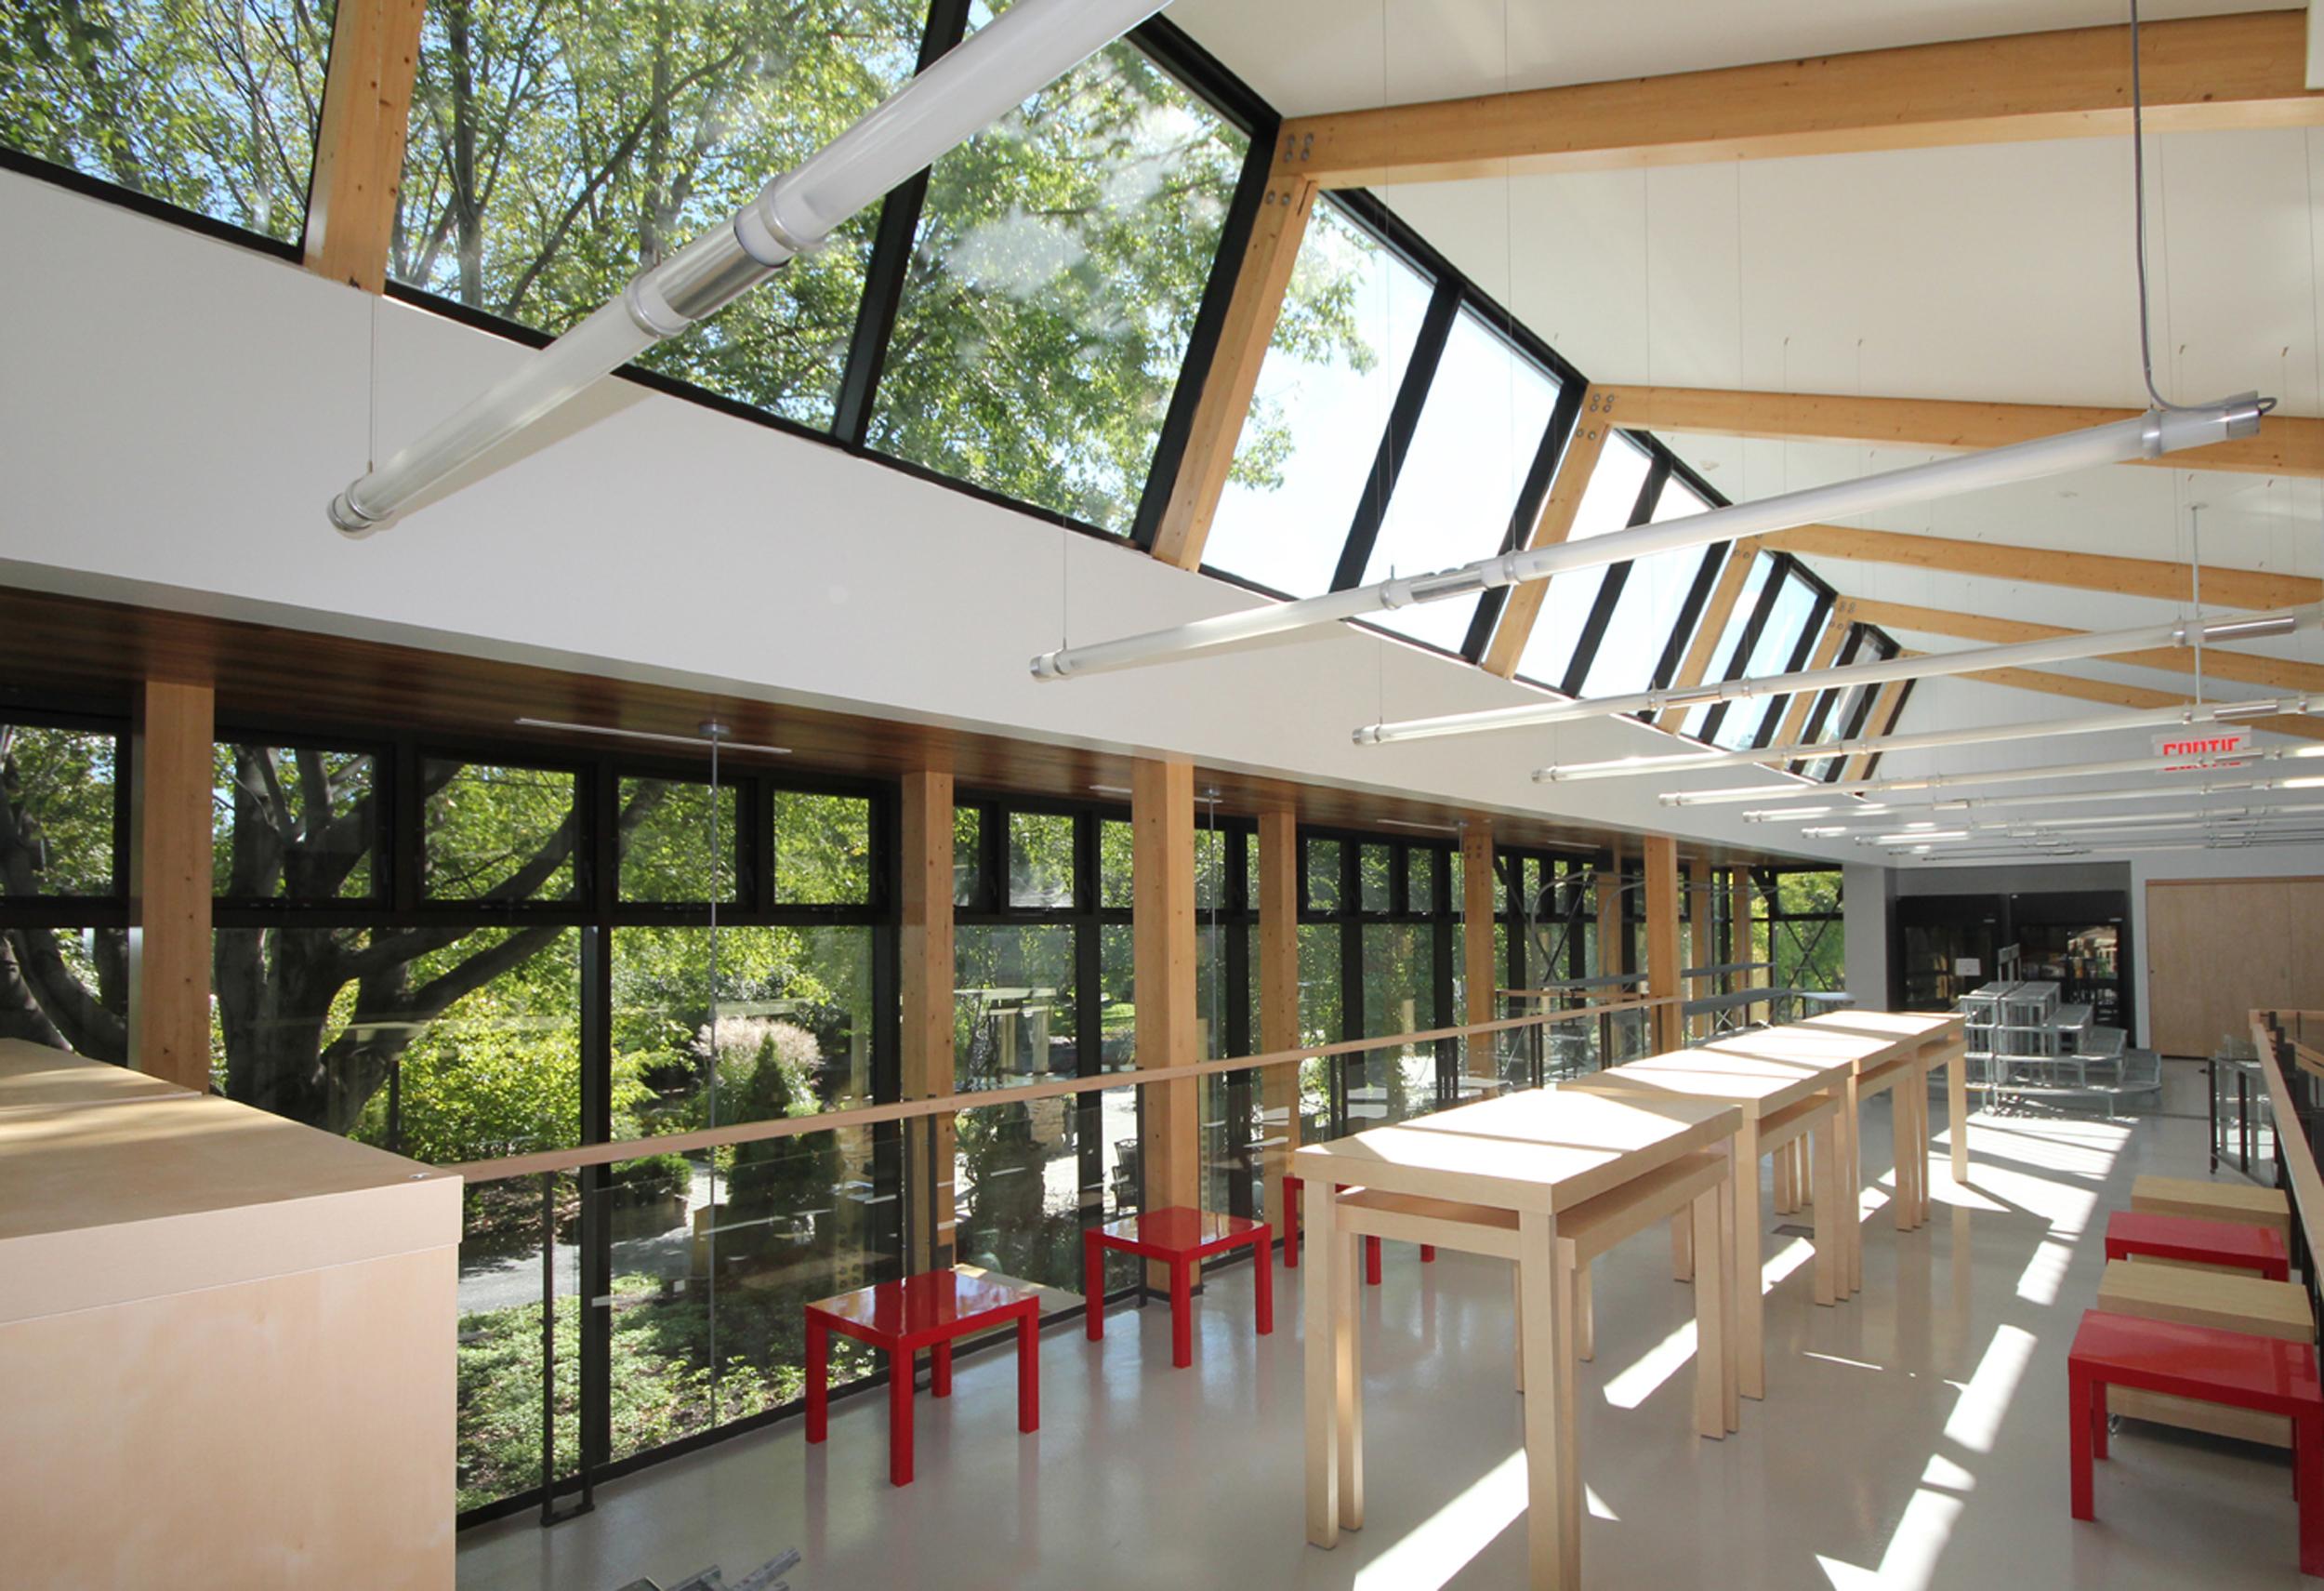 Pavillon horticole écoresponsable – ITA Campus de St-Hyacinthe Cecobois 5